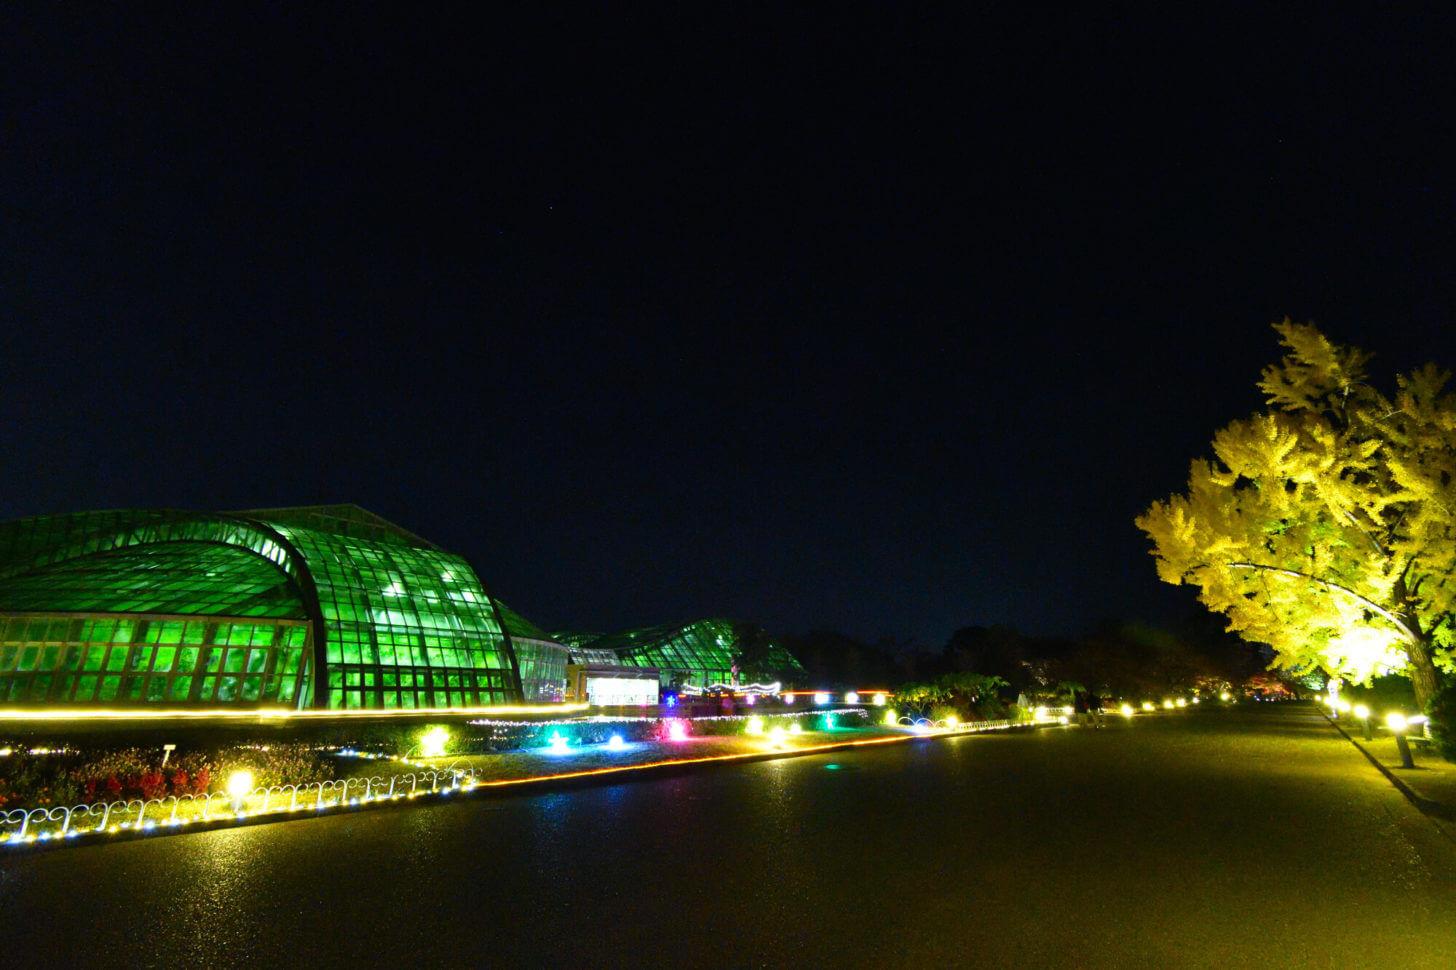 京都府立植物園「世界の紅葉ライトアップ」での観覧温室